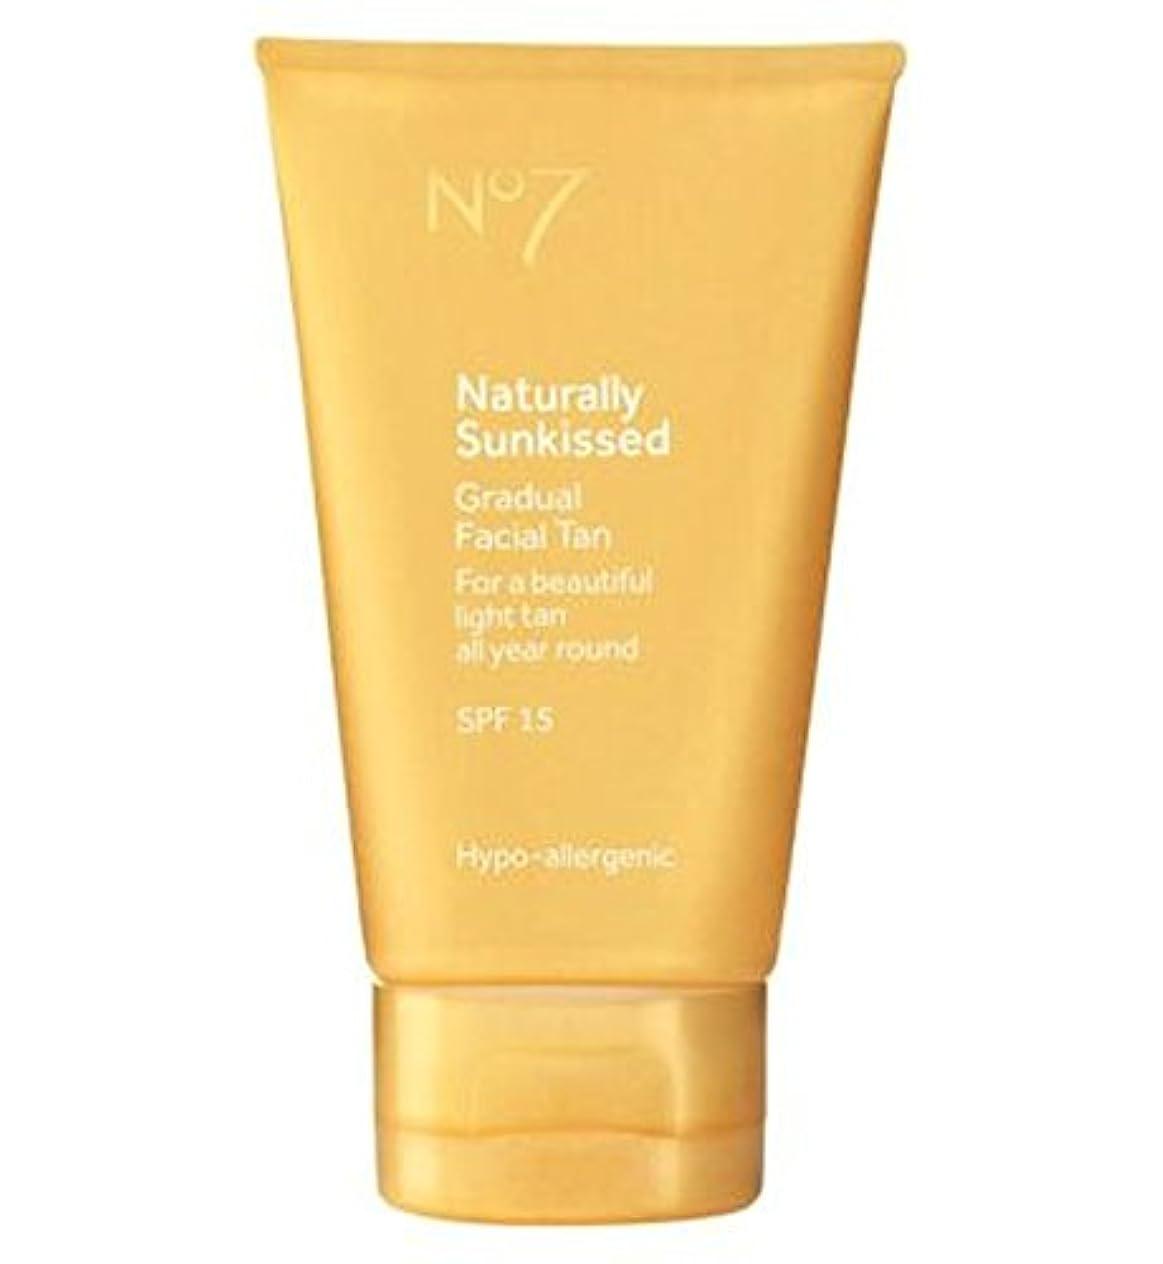 木促進する丈夫No7は自然に太陽が緩やかな顔日焼けSp15にキスをしました (No7) (x2) - No7 Naturally Sun Kissed Gradual Face Tan SP15 (Pack of 2) [並行輸入品]